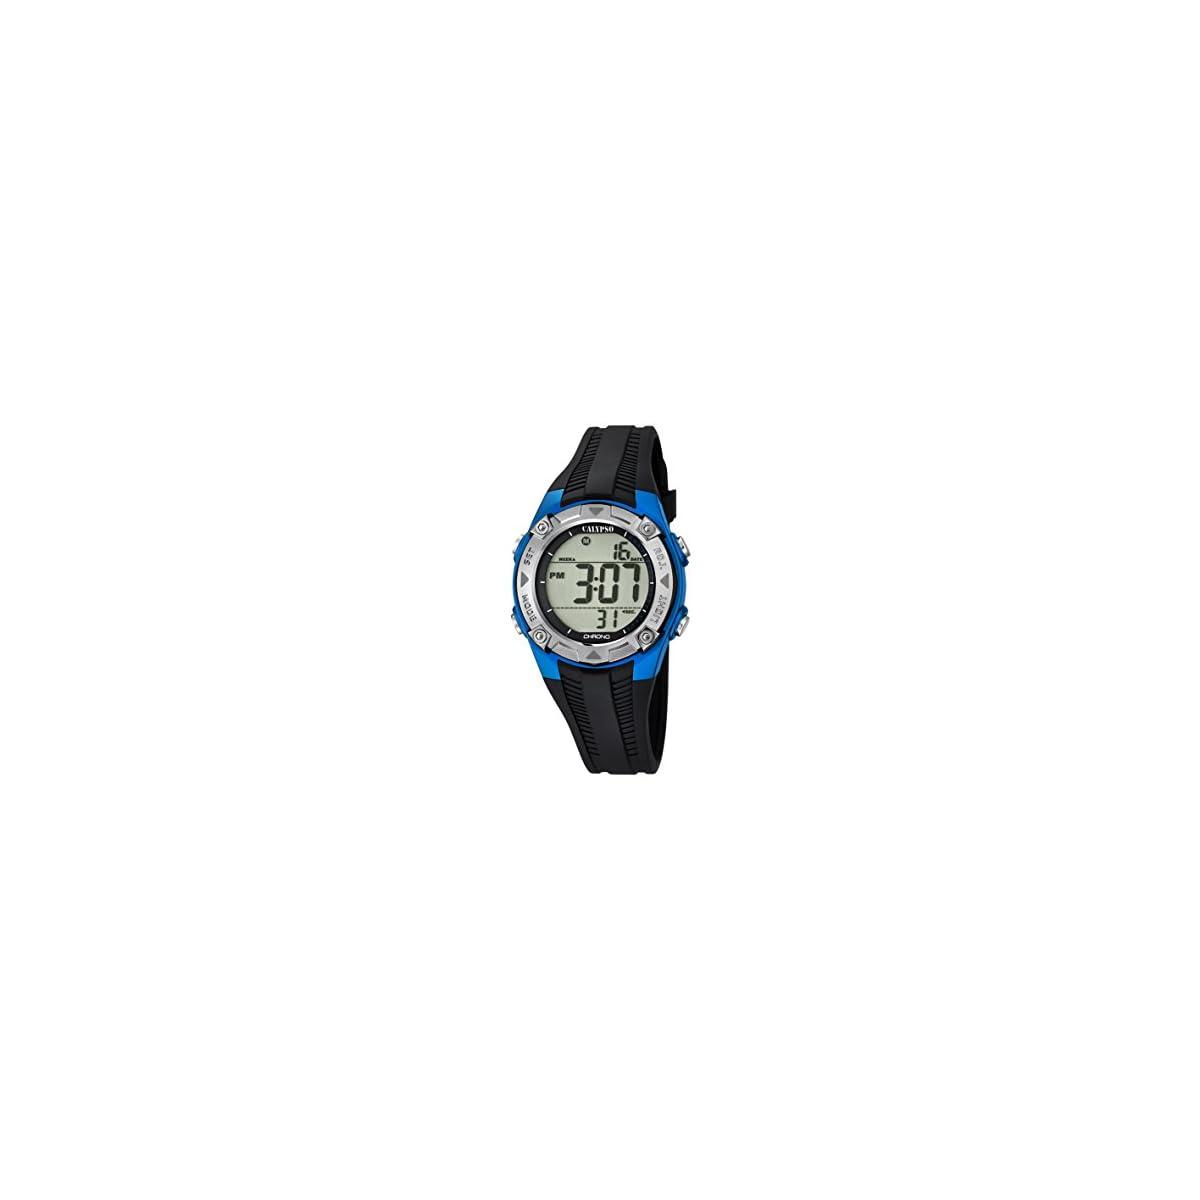 41hj03OnlBL. SS1200  - Calypso Reloj Digital para Unisex de Cuarzo con Correa en Plástico K5685/5